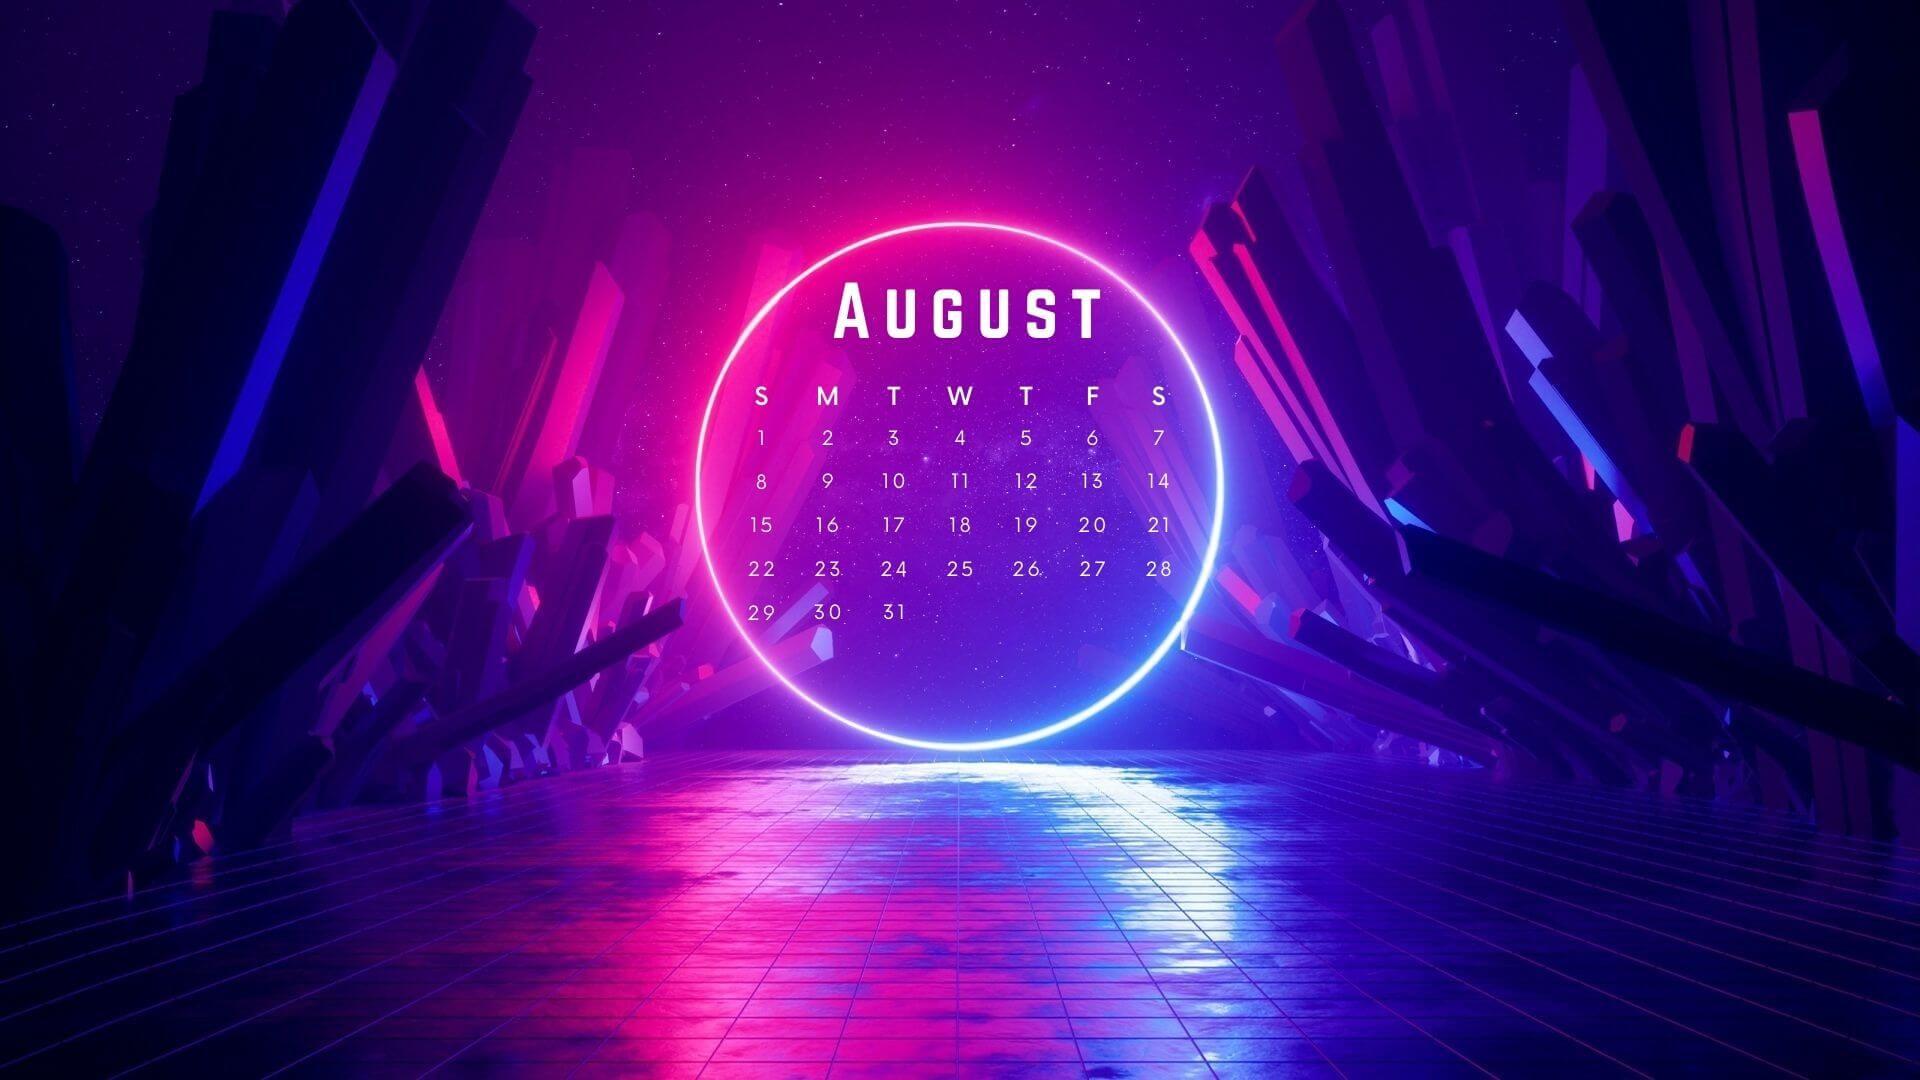 August 2021 Desktop Screensaver Calendar